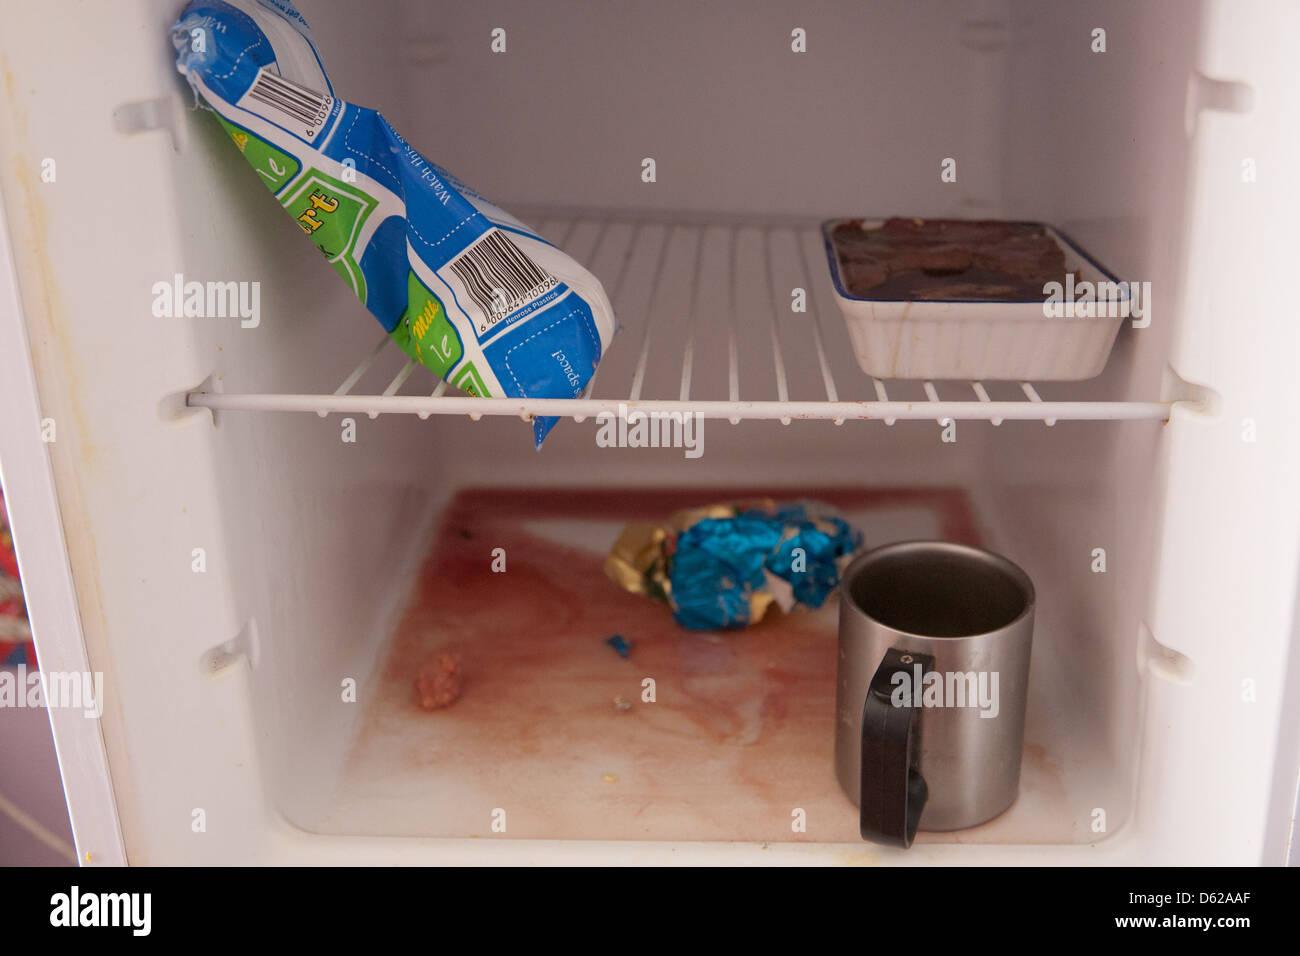 Kühlschrank Desinfektion : Verdorbene lebensmittel in einem unhygienischen kühlschrank